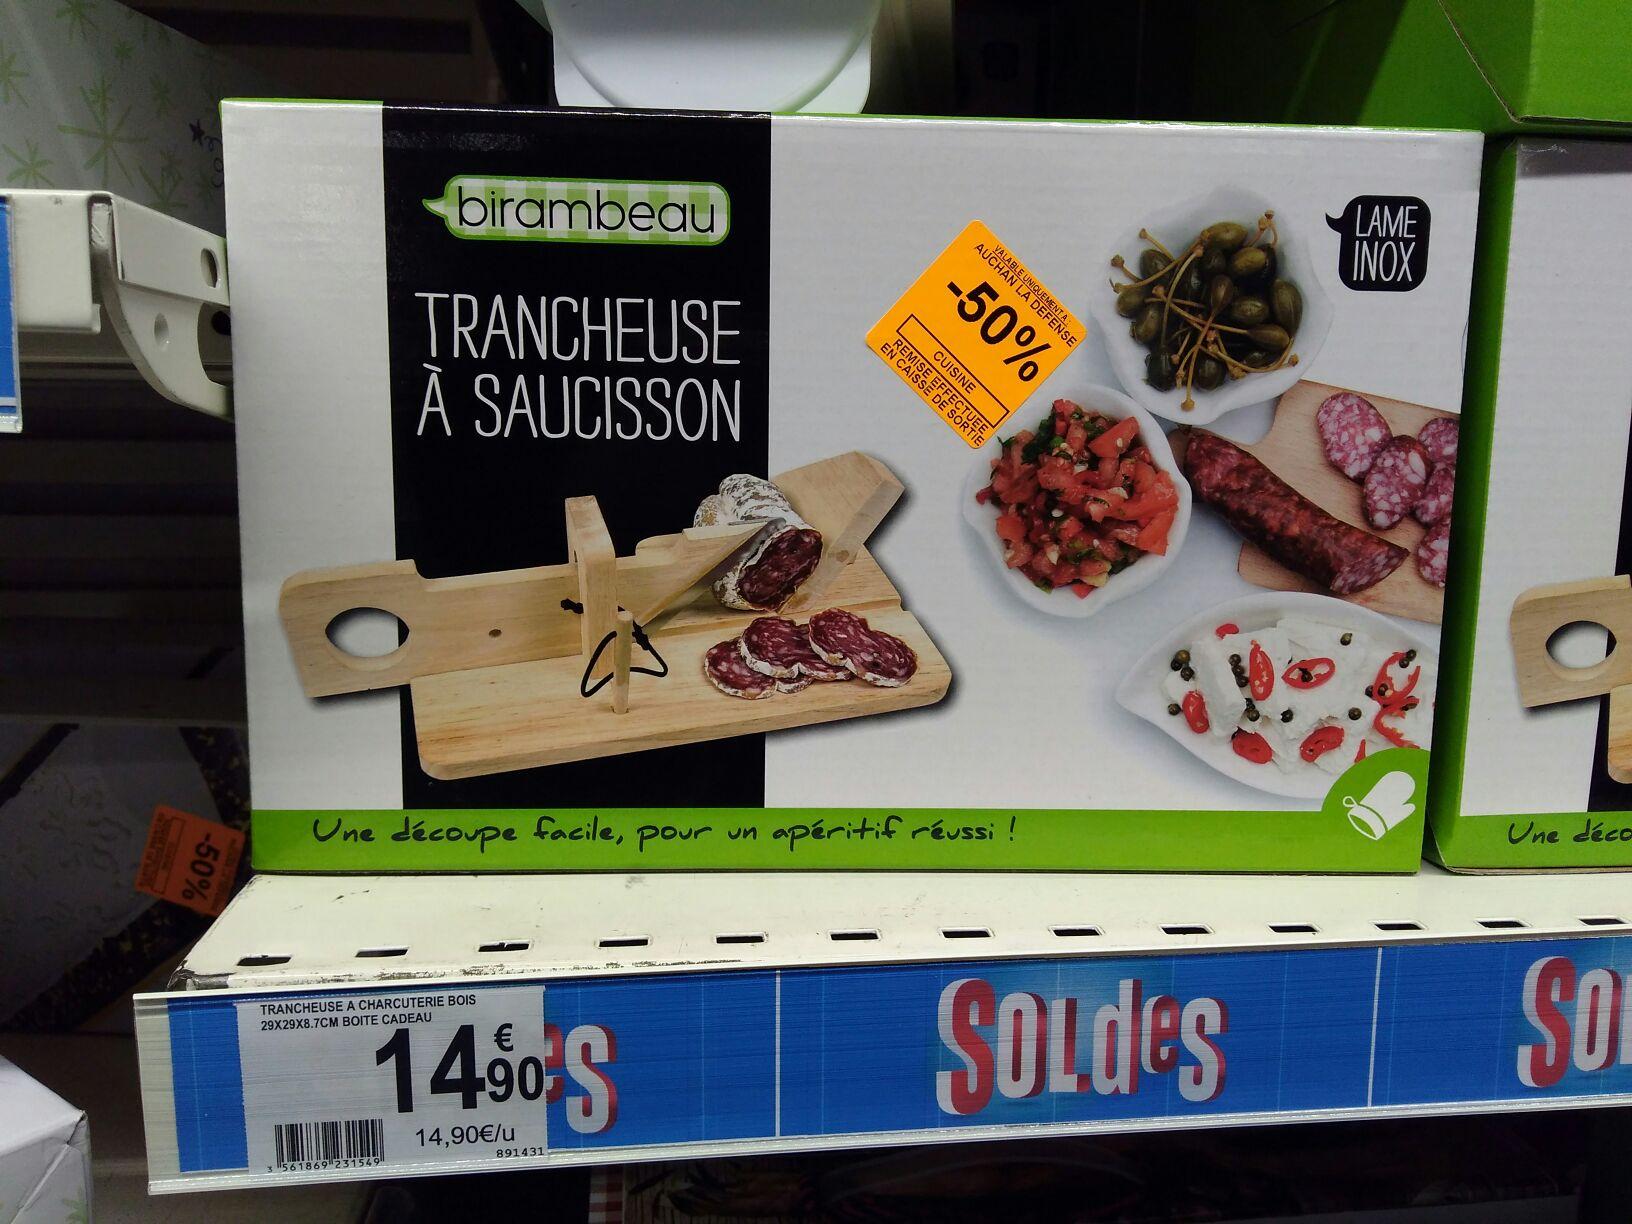 Trancheuse à saucisson Birambeau - Auchan la Défense (92)